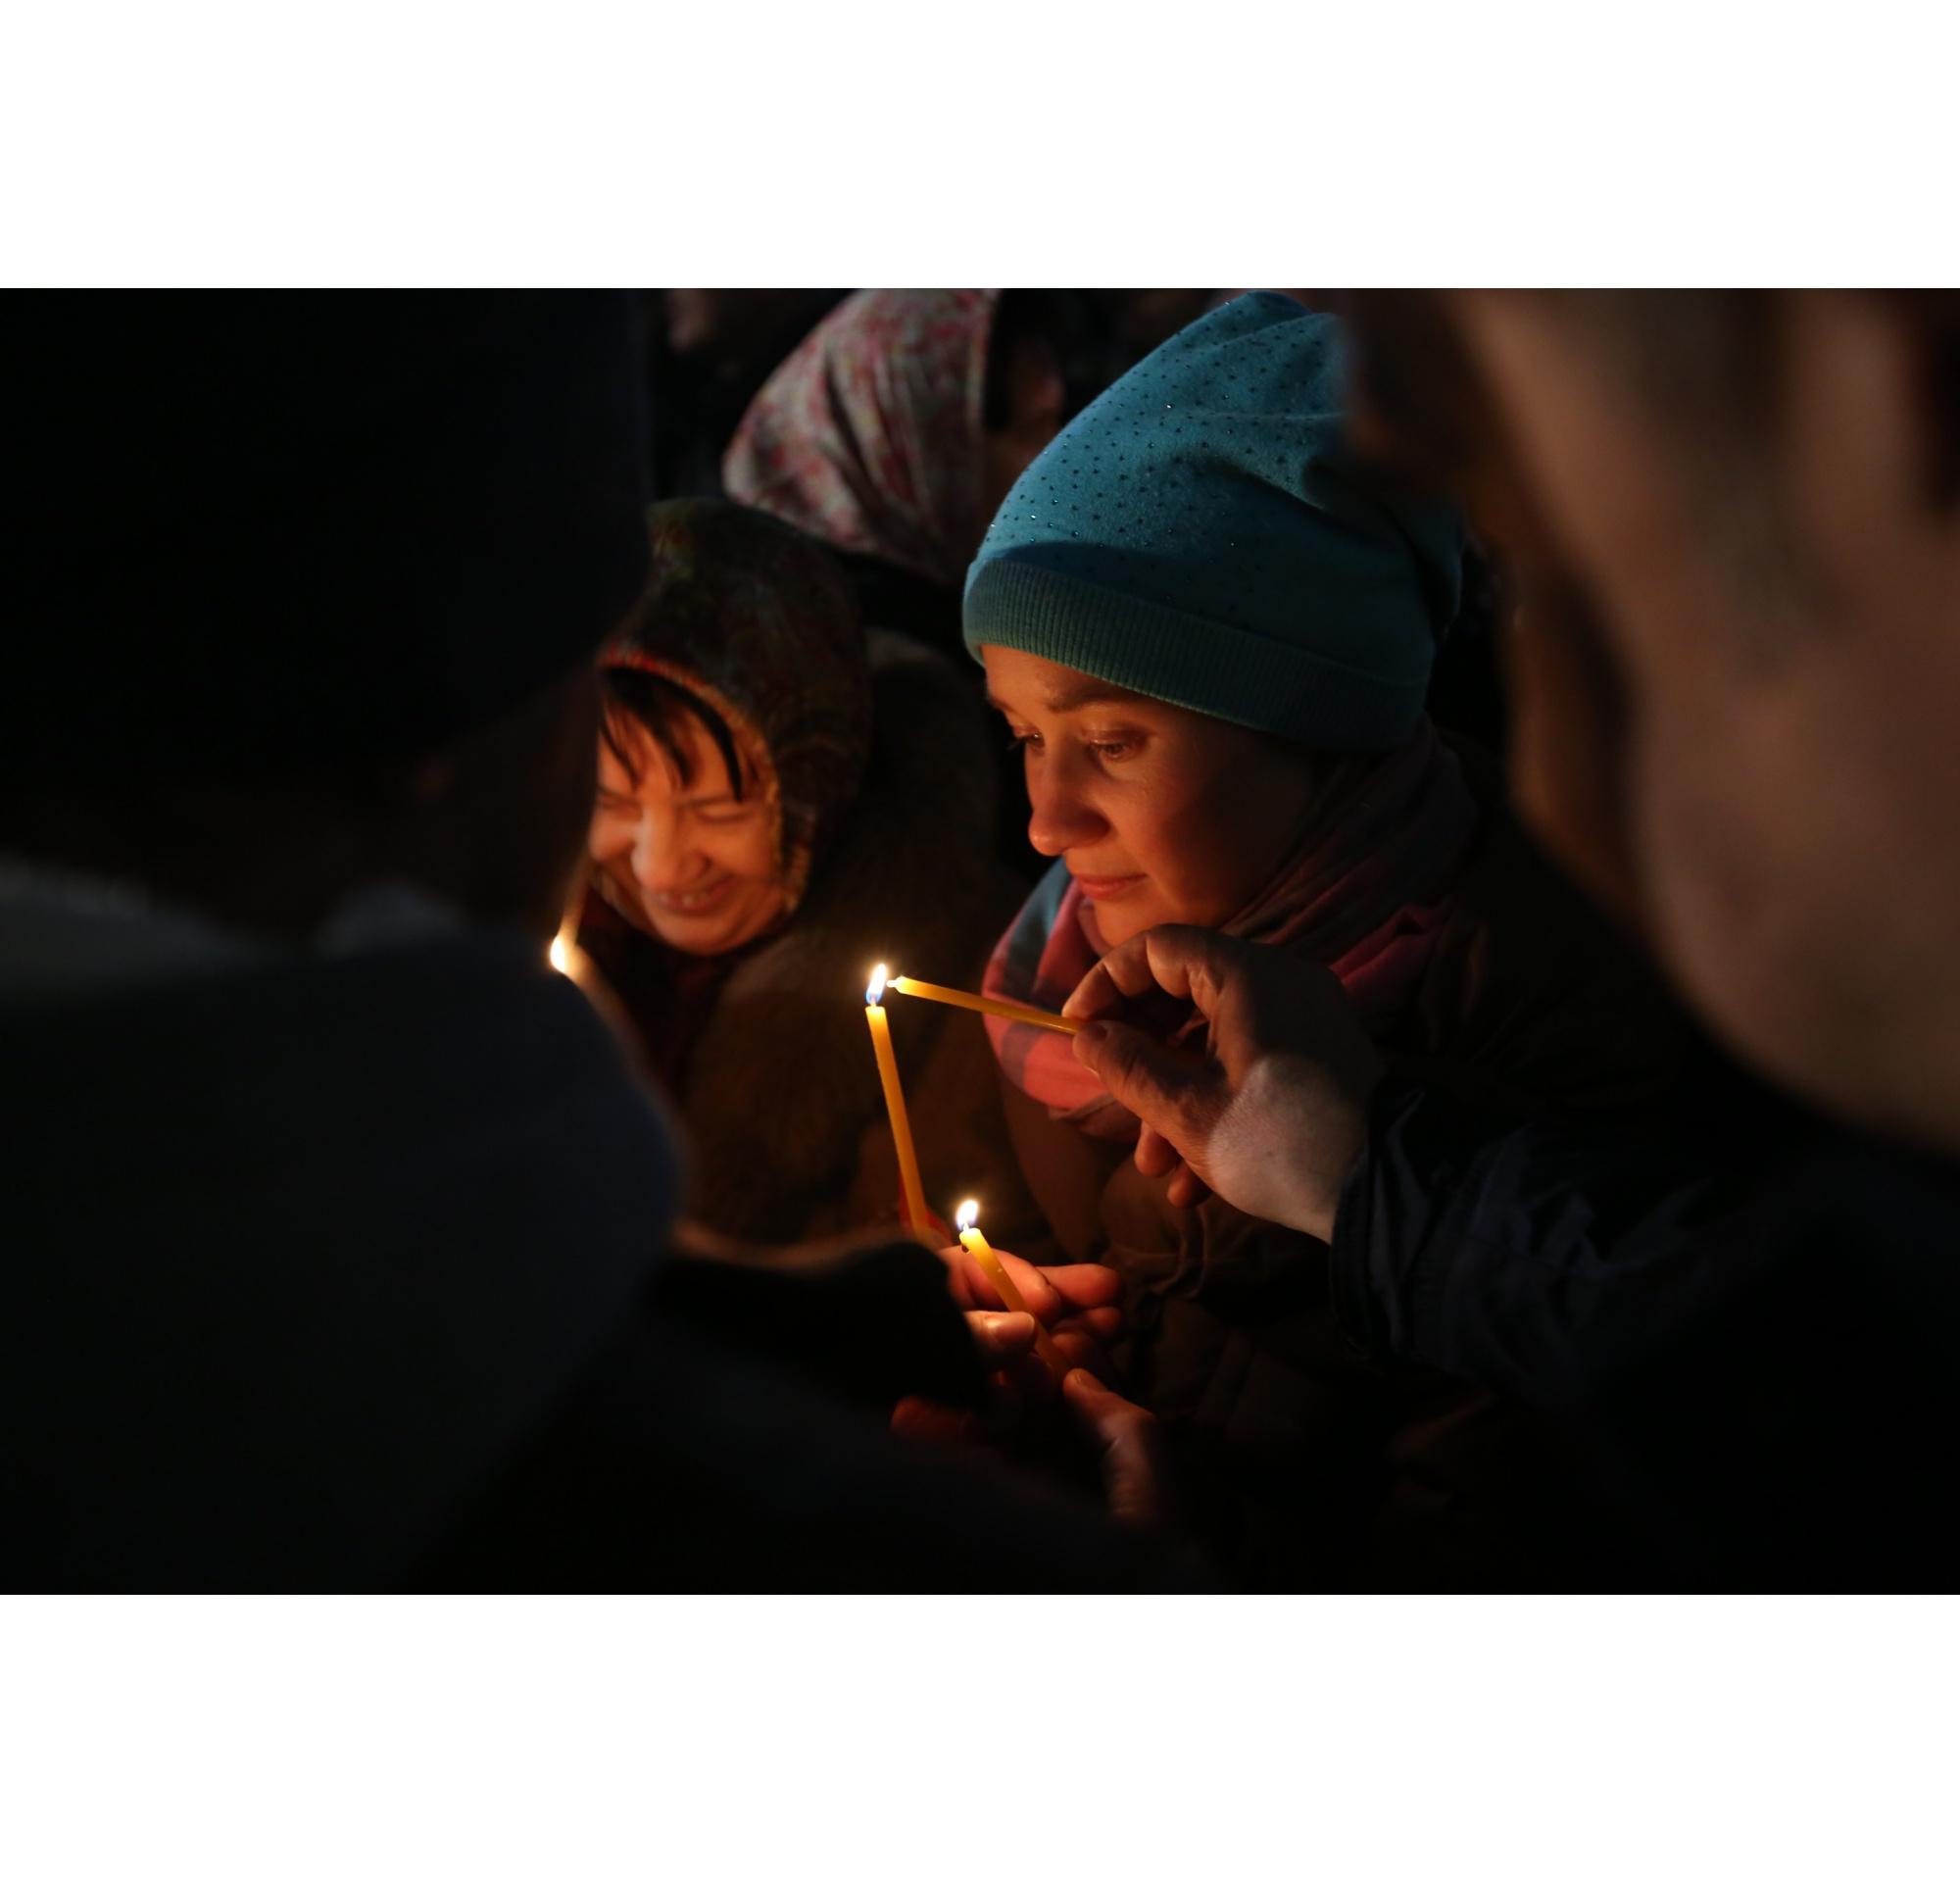 Службы в новосибирских храмах традиционно начались в 23:30